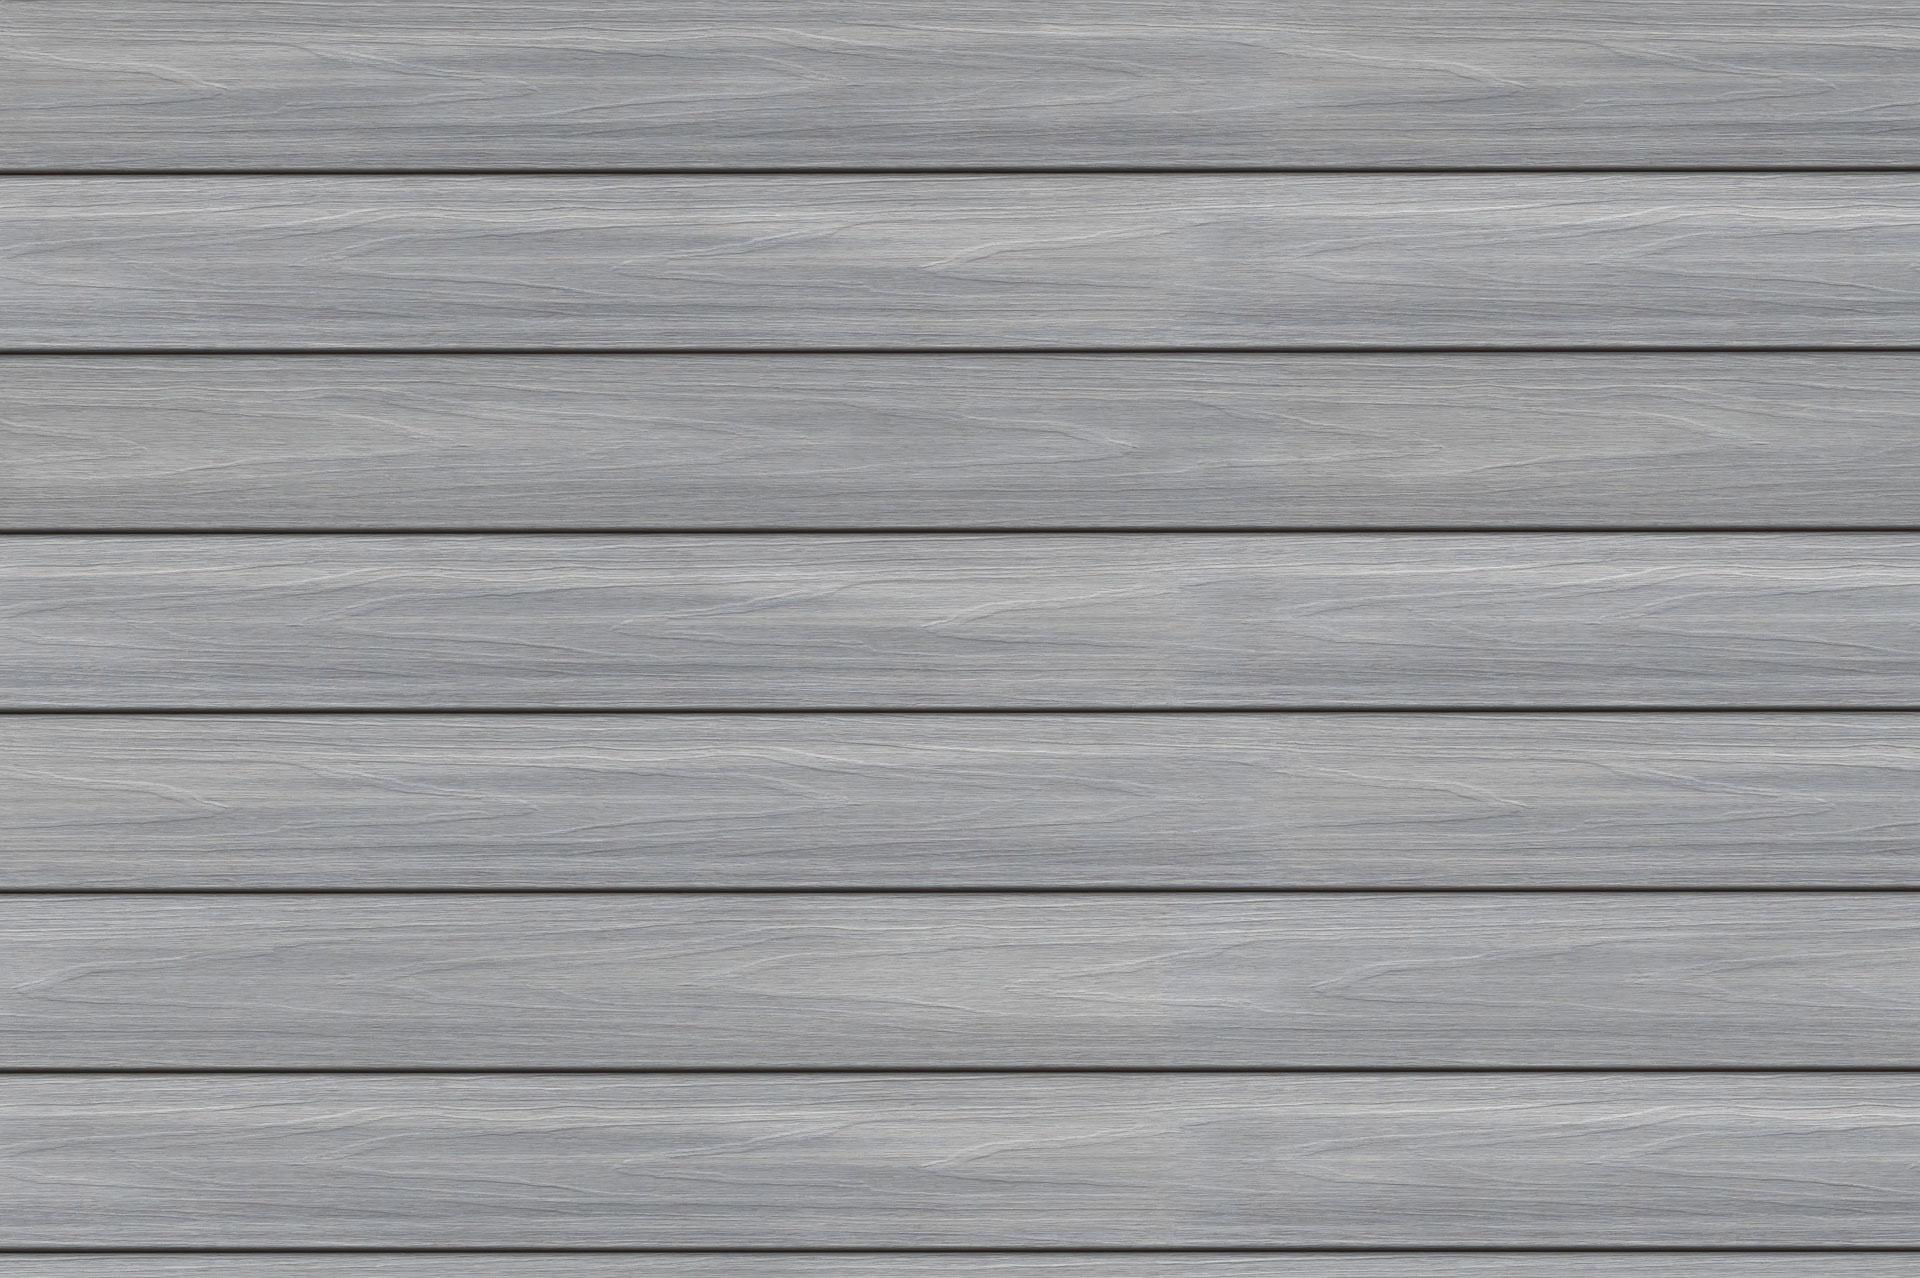 Fano Ultrashield   Musterbild Rauchweiß   hellgraue Bodendielen mit angedeuteter Holzmaserung   Svoboda